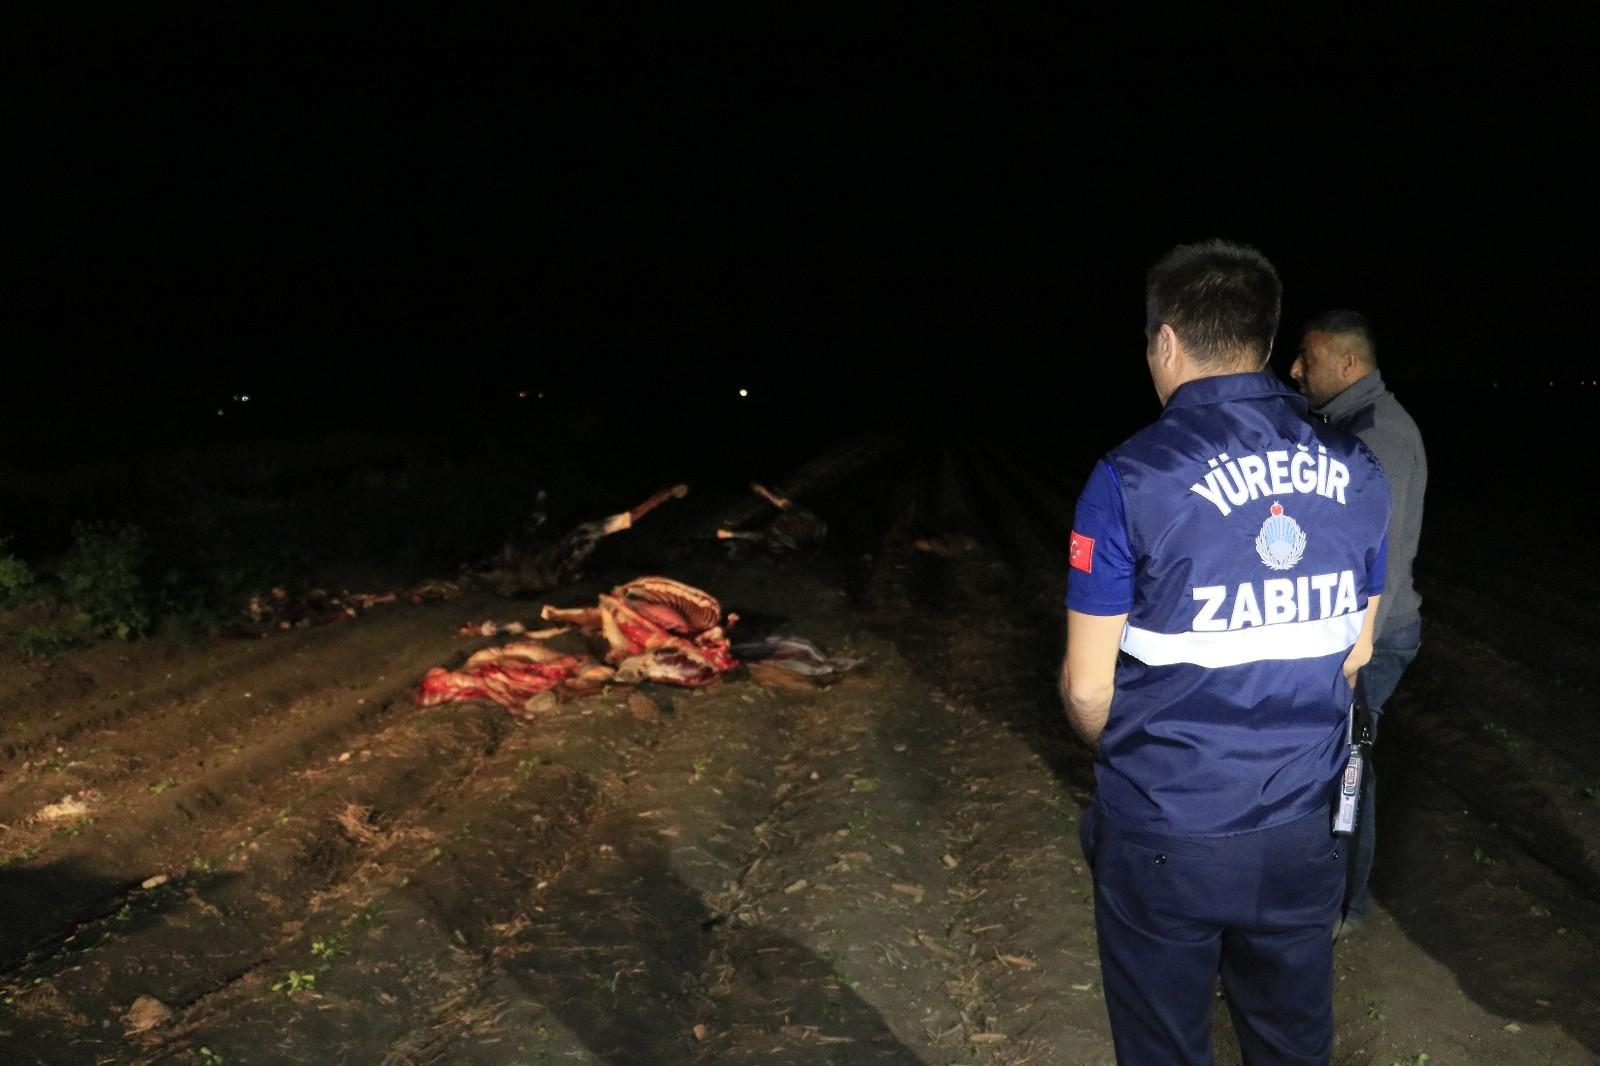 Adana'da boş arazide kesilmiş 3 at ele geçirildi - Adana Haberleri